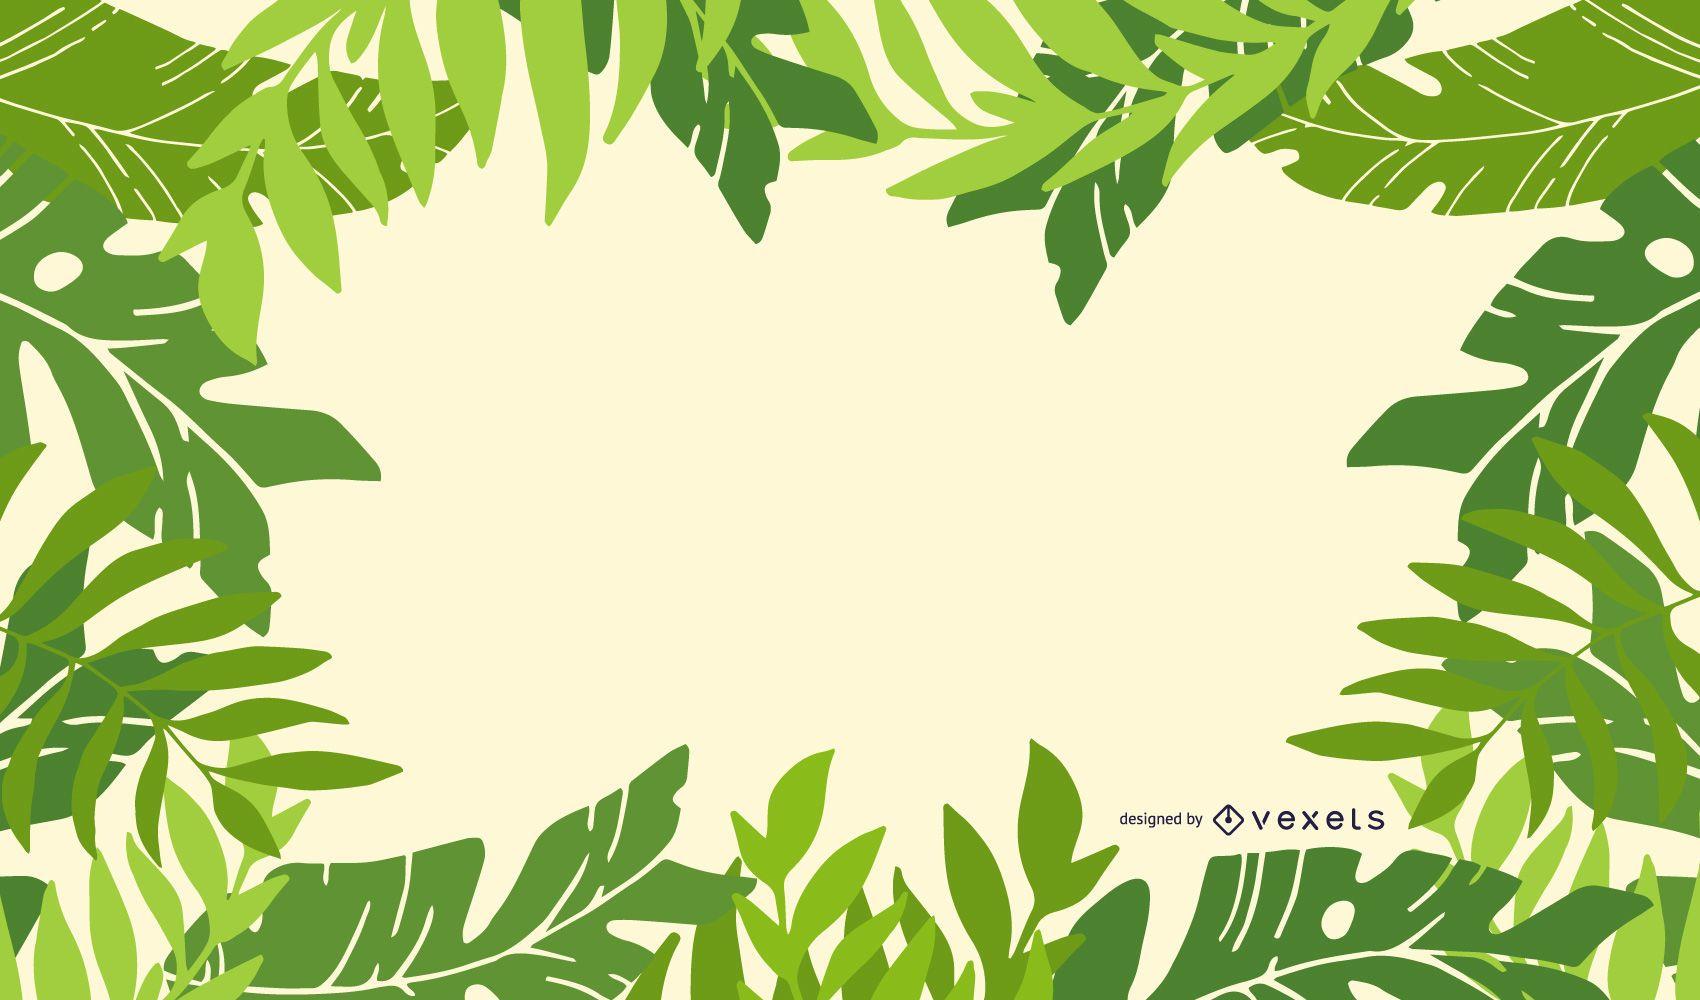 Fresh Green Leaves Frame Background